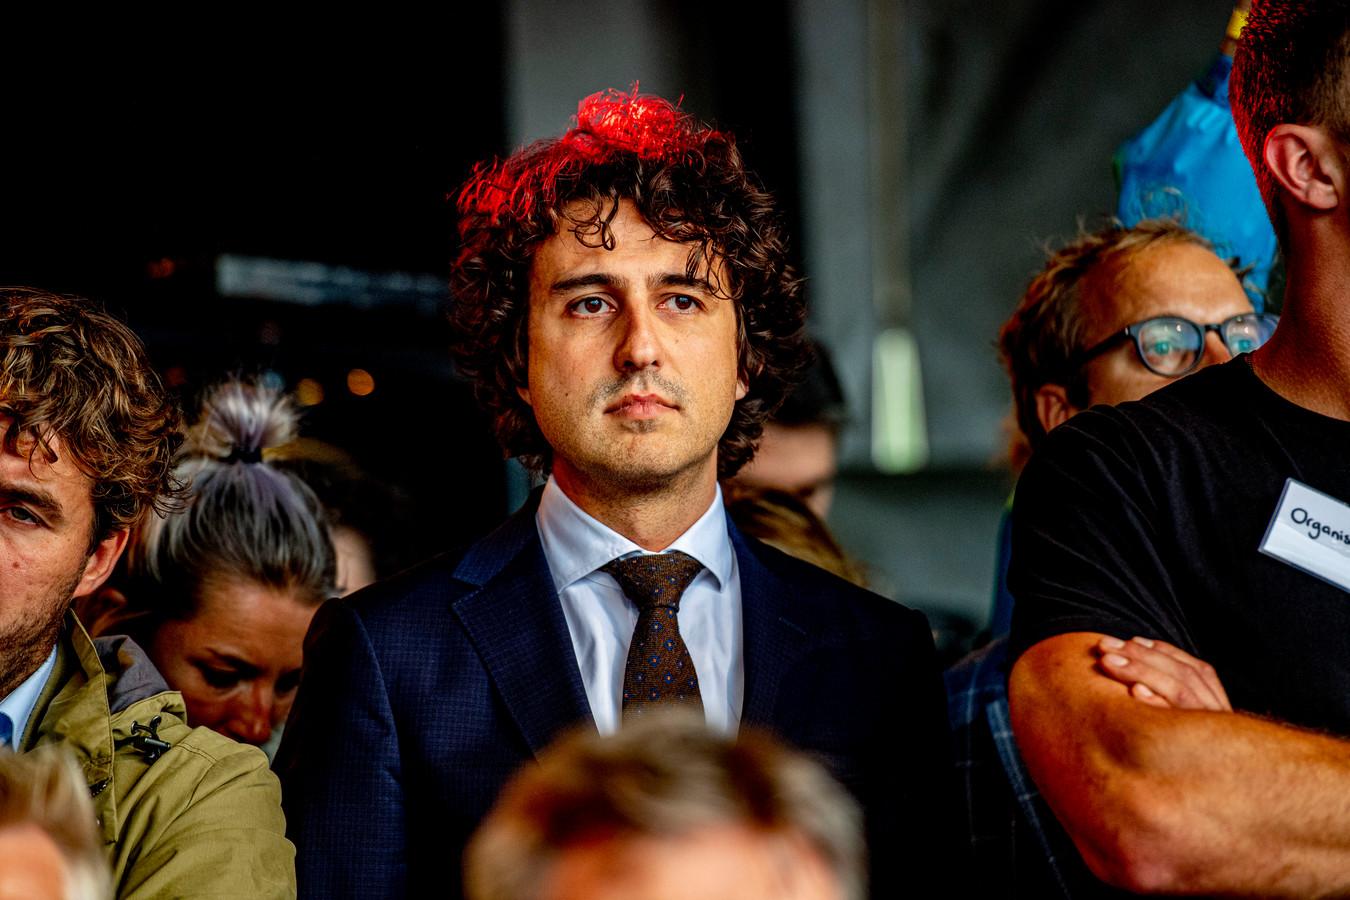 GroenLinks-leider Jesse Klaver bij het boerenprotest van 1 oktober 2019 op het Malieveld in Den Haag